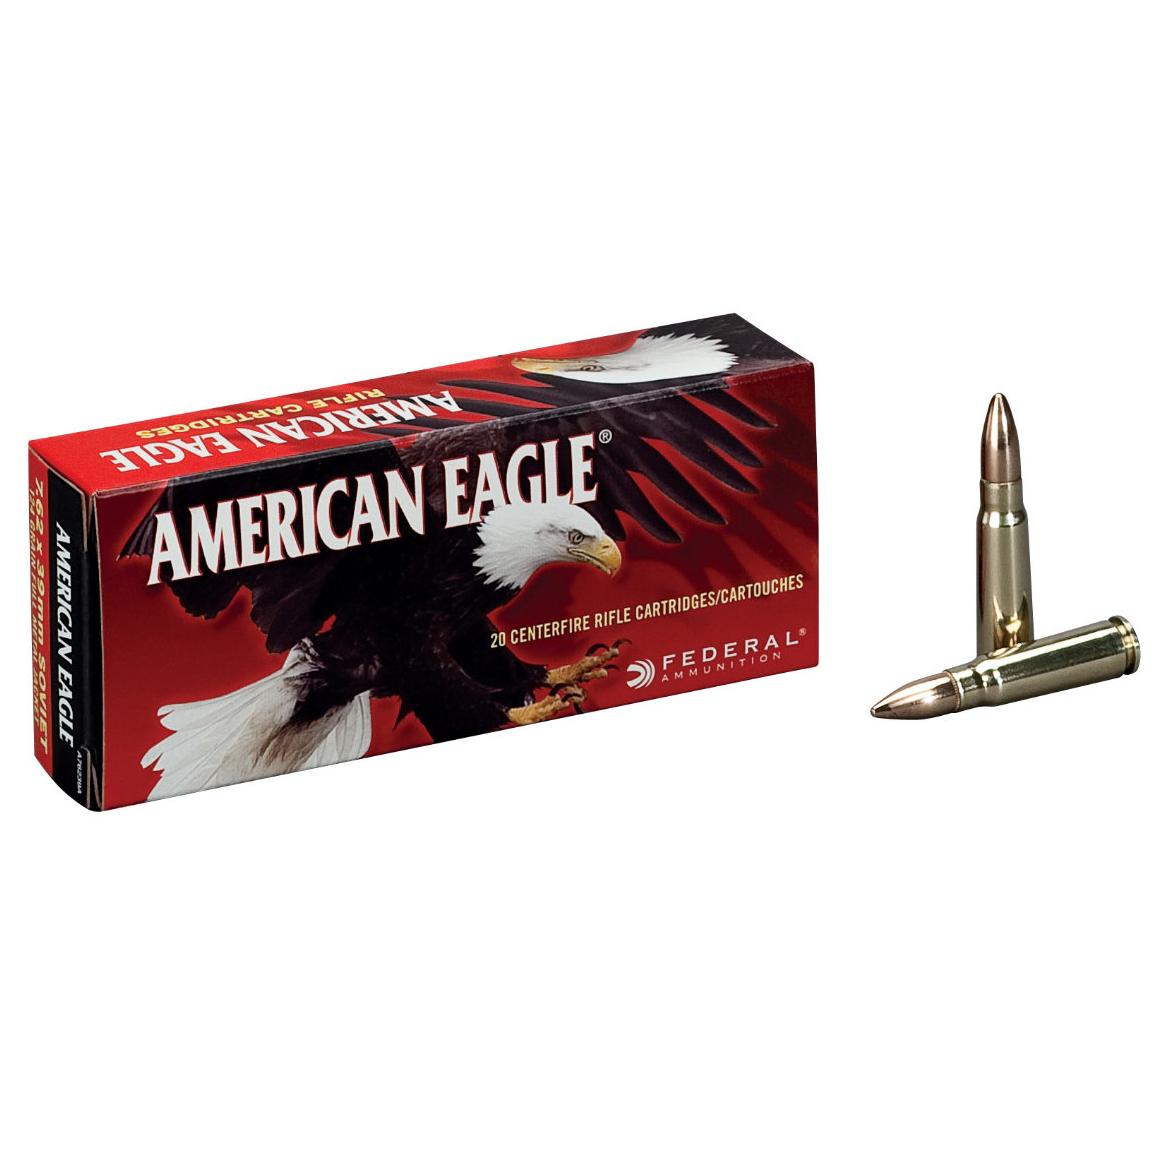 American Eagle Rifle Ammunition, .308 Win, 150-gr, FMJBT, 20Rds